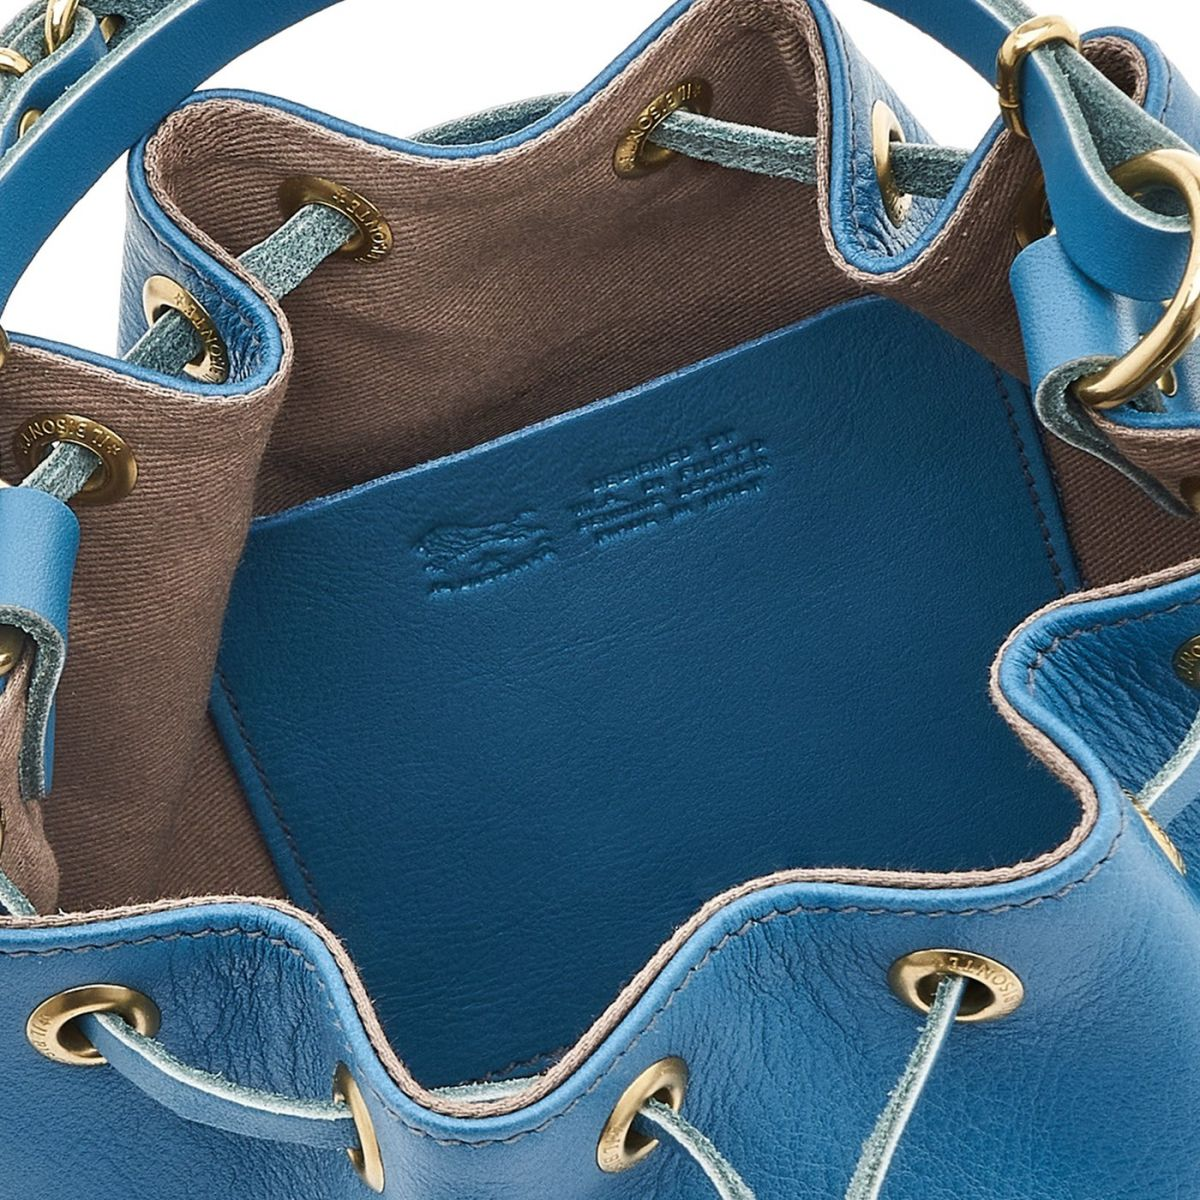 Borsa A Secchiello da Donna in Pelle Di Vacchetta colore Ottanio - BBU001 | Details